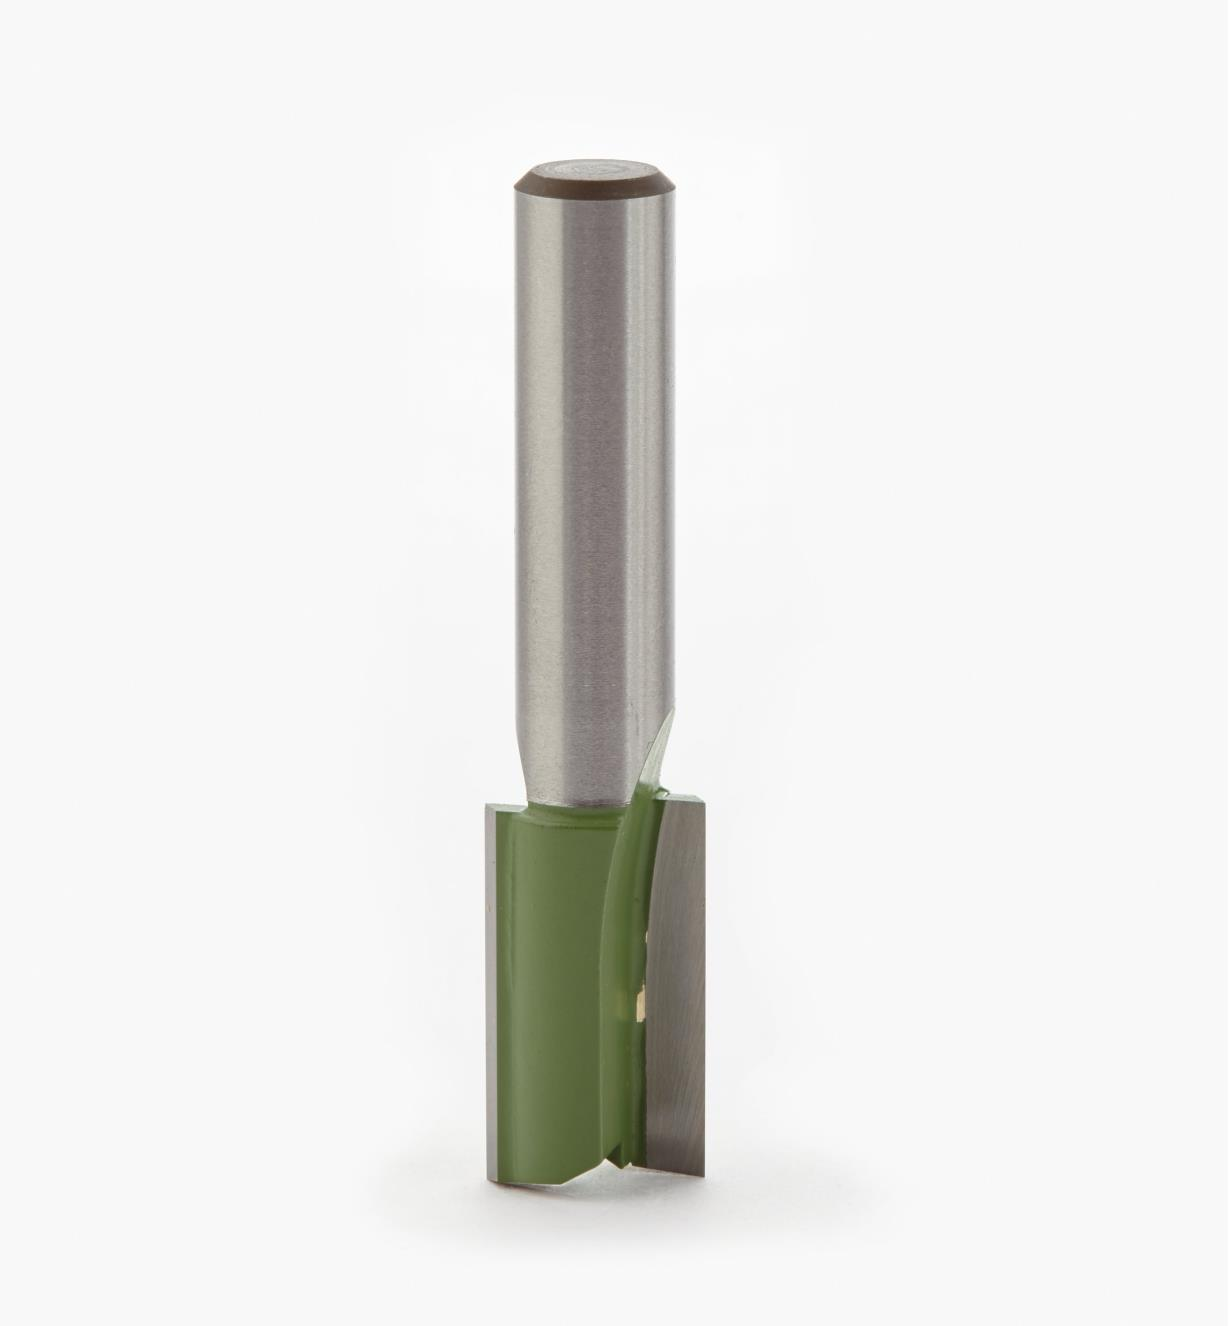 18J0511 - Mèche droite, 11mm x 3/4po x 8mm